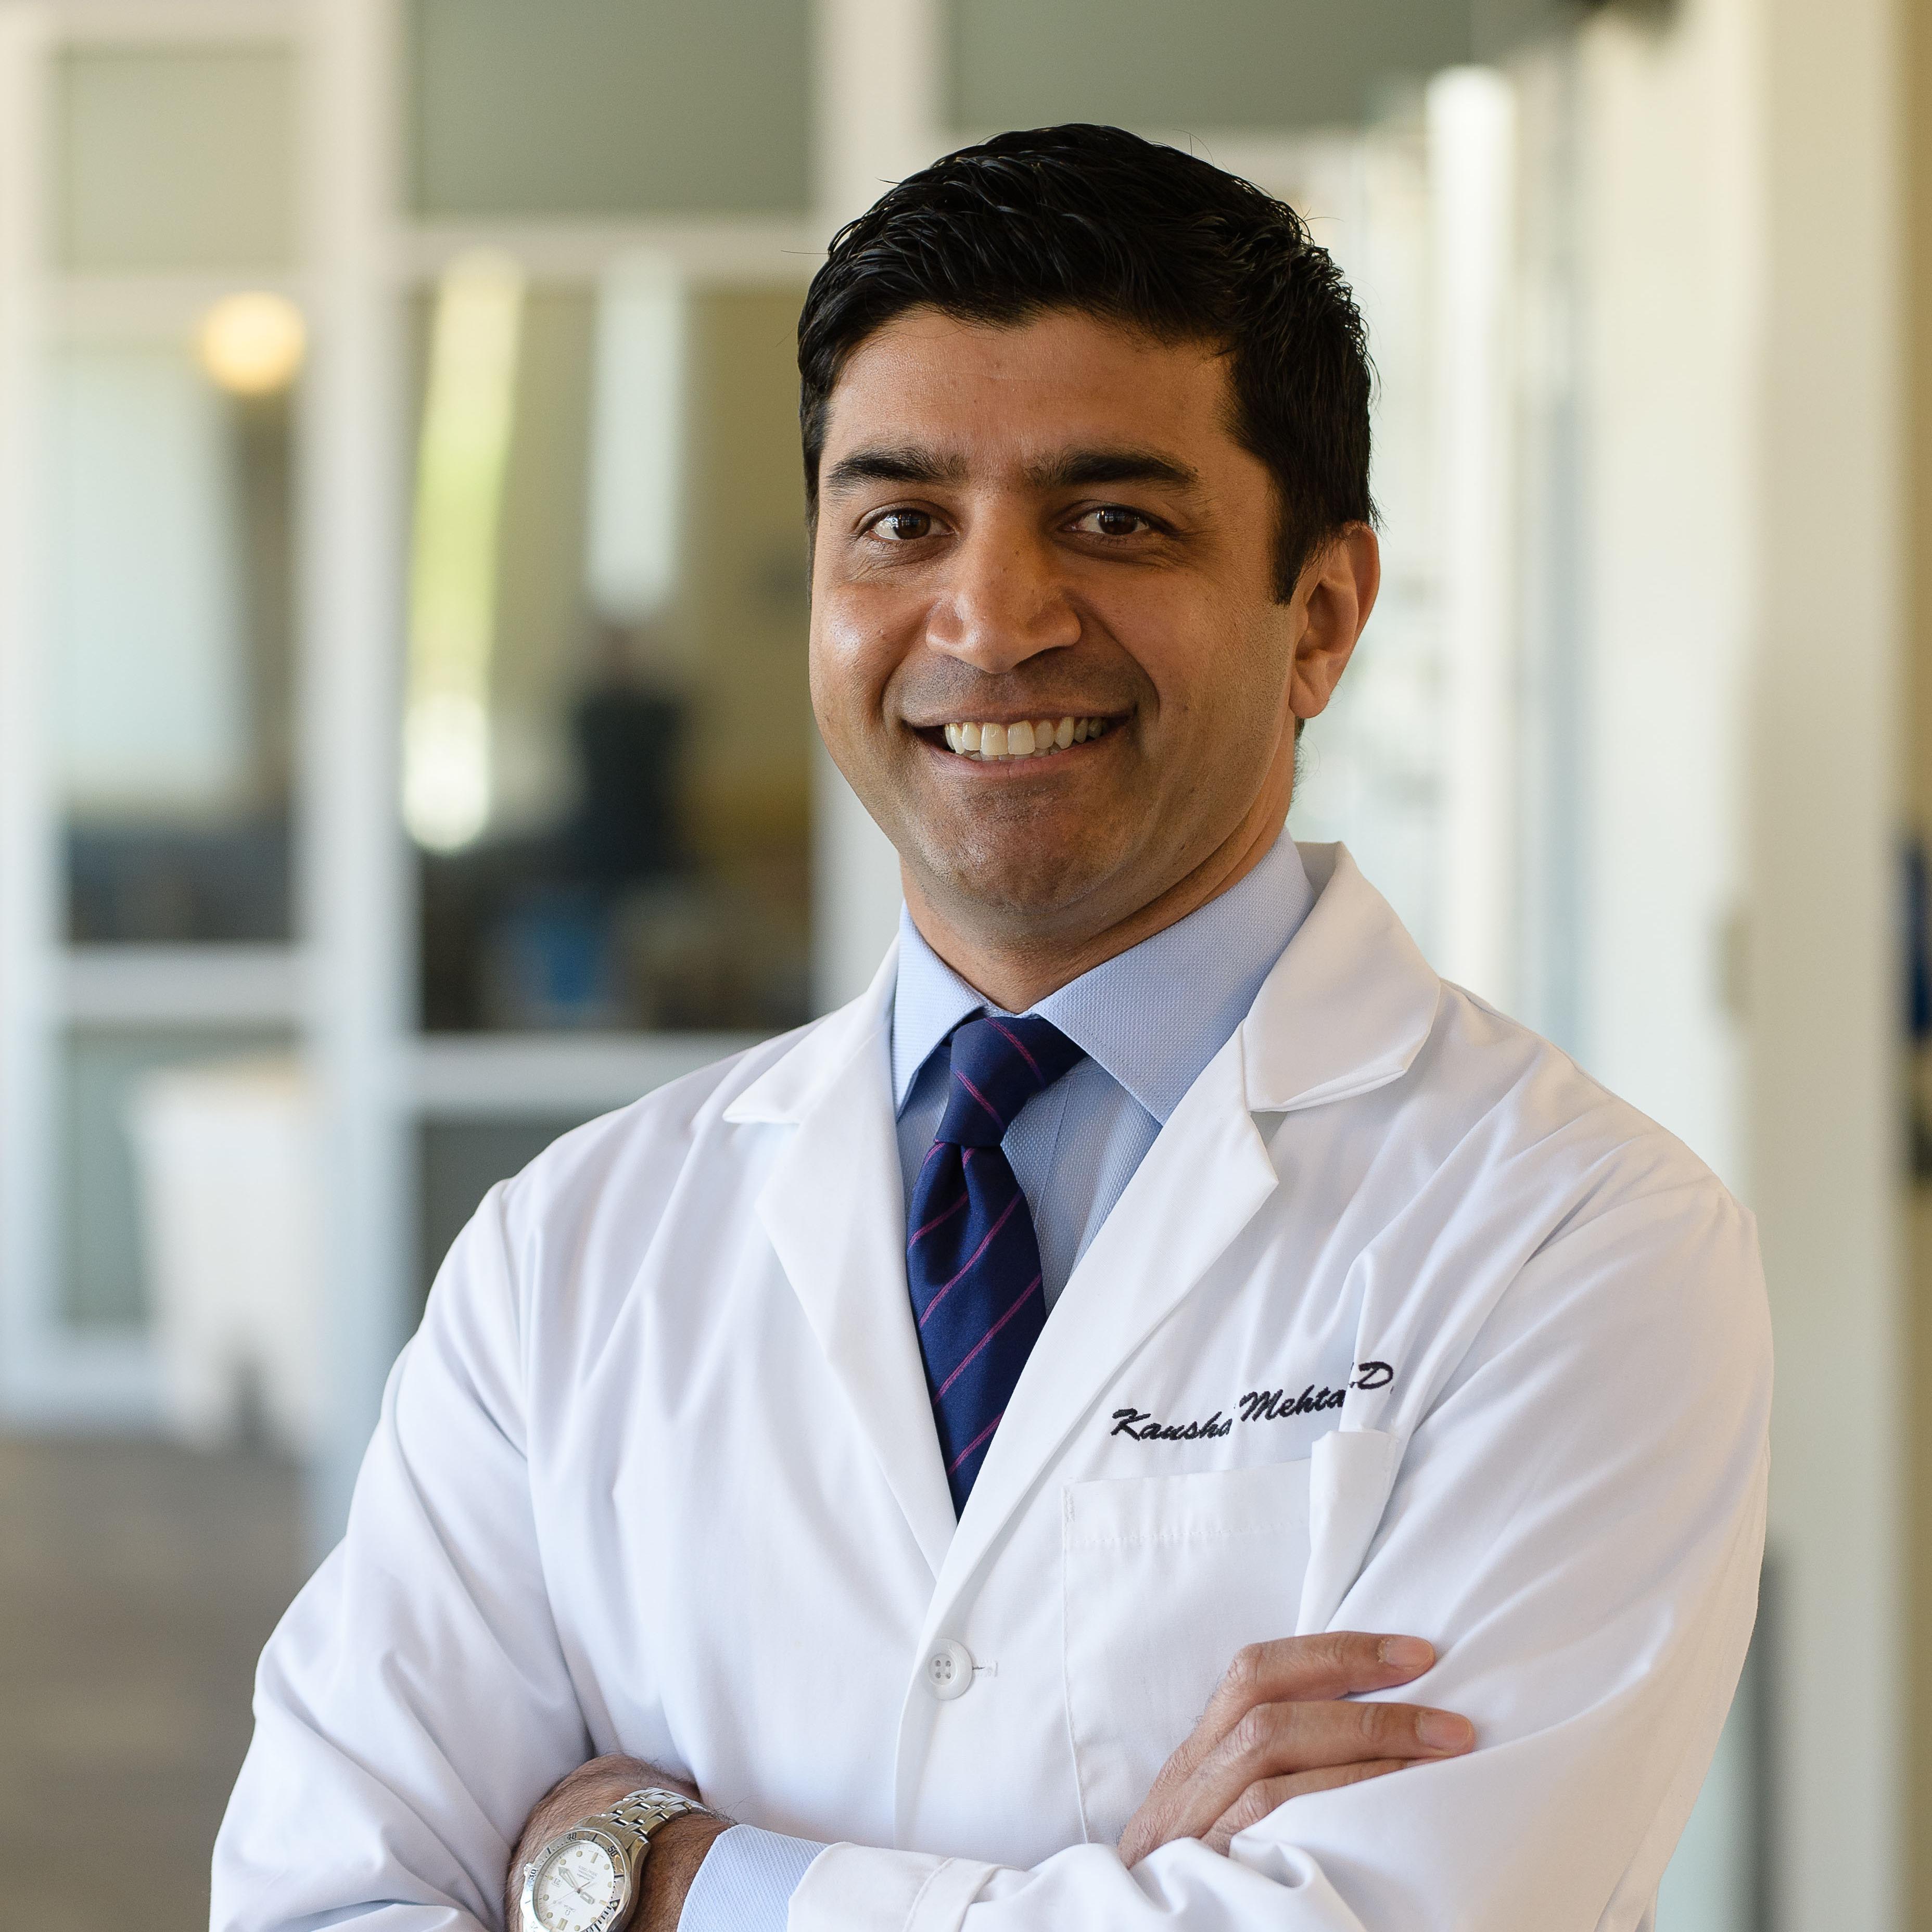 Kaushal B. Mehta, MD